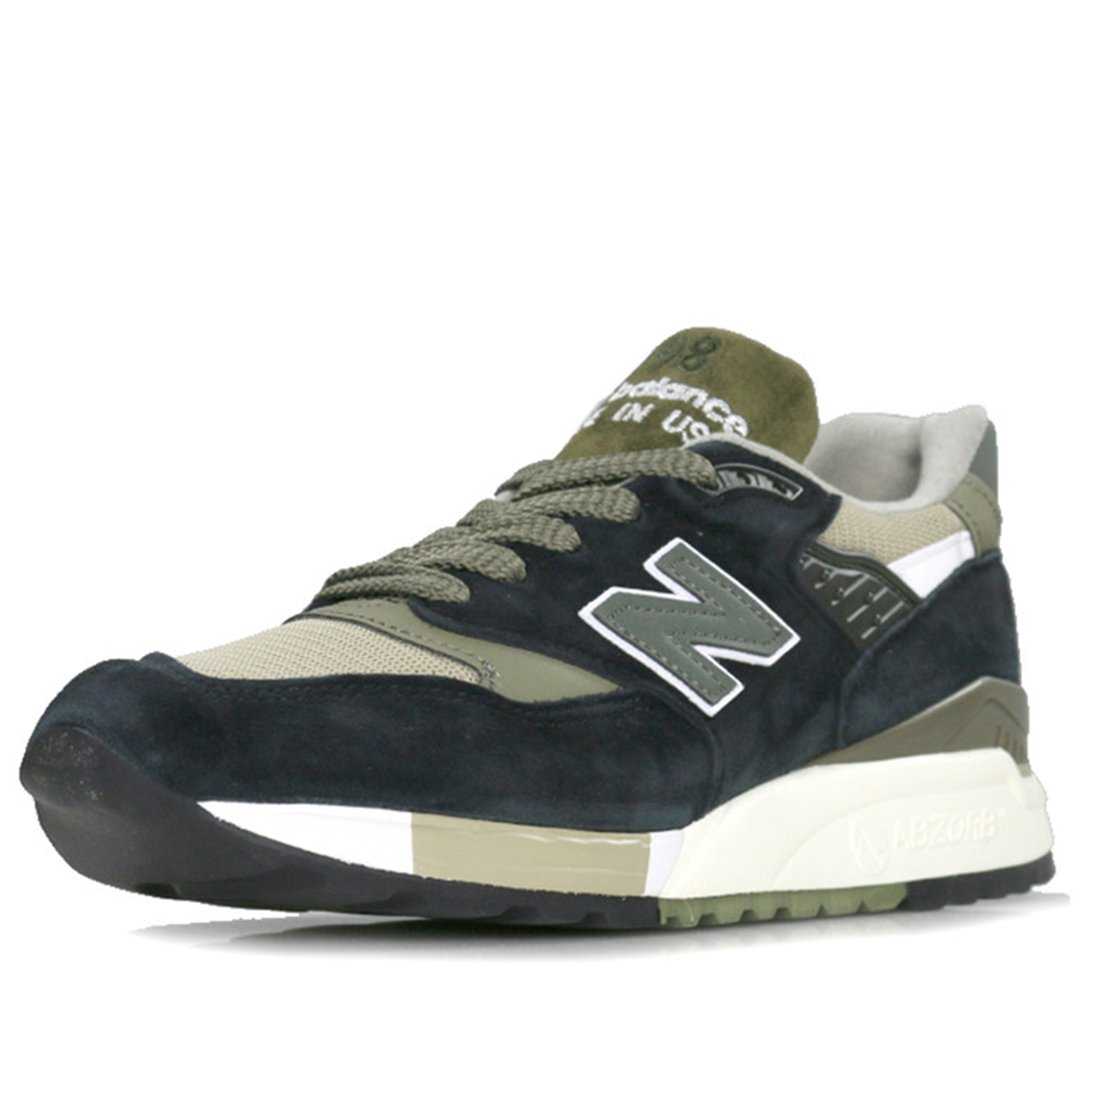 noir vert New Balance Balance M998, DBOA dark gris  économiser 35% - 70% de réduction